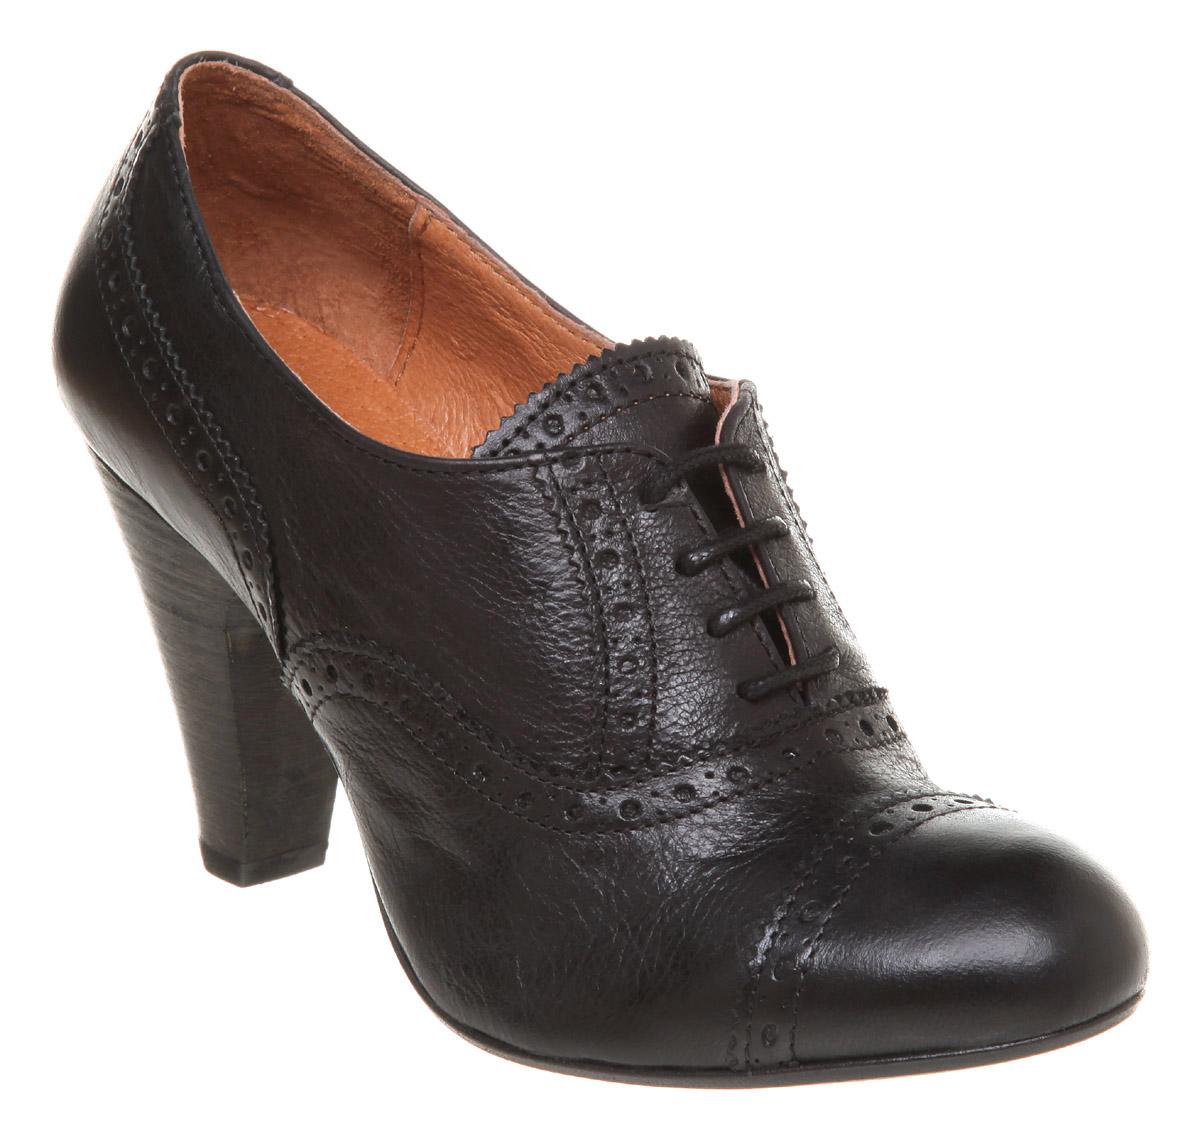 Heeled Womens Shoes